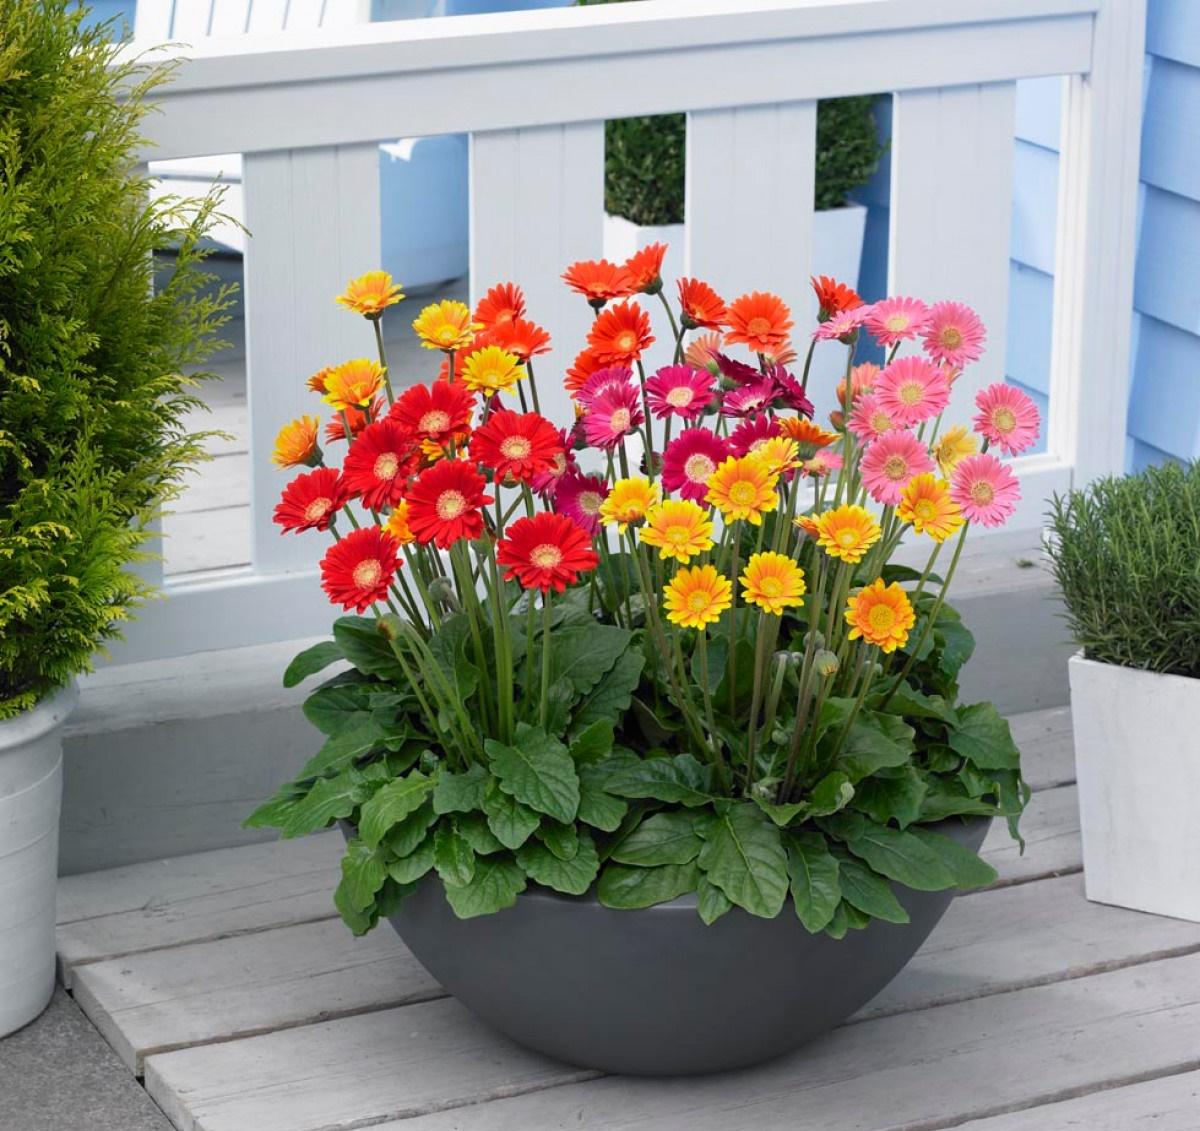 Những loài hoa gia chủ nên chưng trong nhà ngày Tết để gia tăng tài lộc, vận khí cho gia đình - Ảnh 4